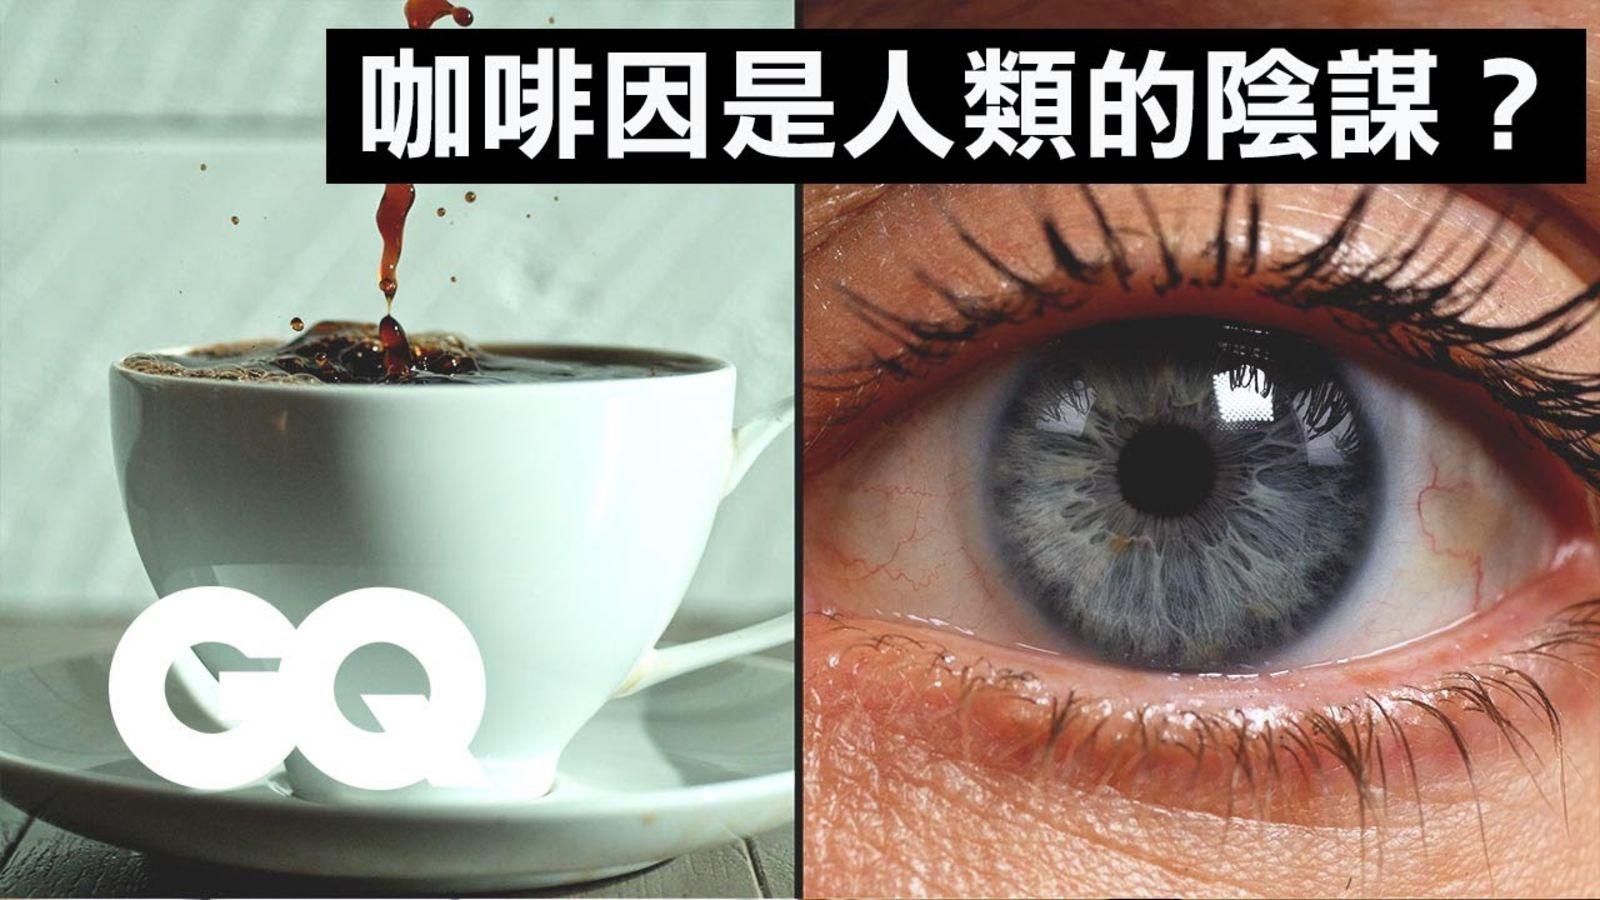 破解咖啡因成癮原因!超低熱量的咖啡為什麼讓你精神飽滿? How Caffeine Addiction Changed History|科普長知識|GQ Taiwan